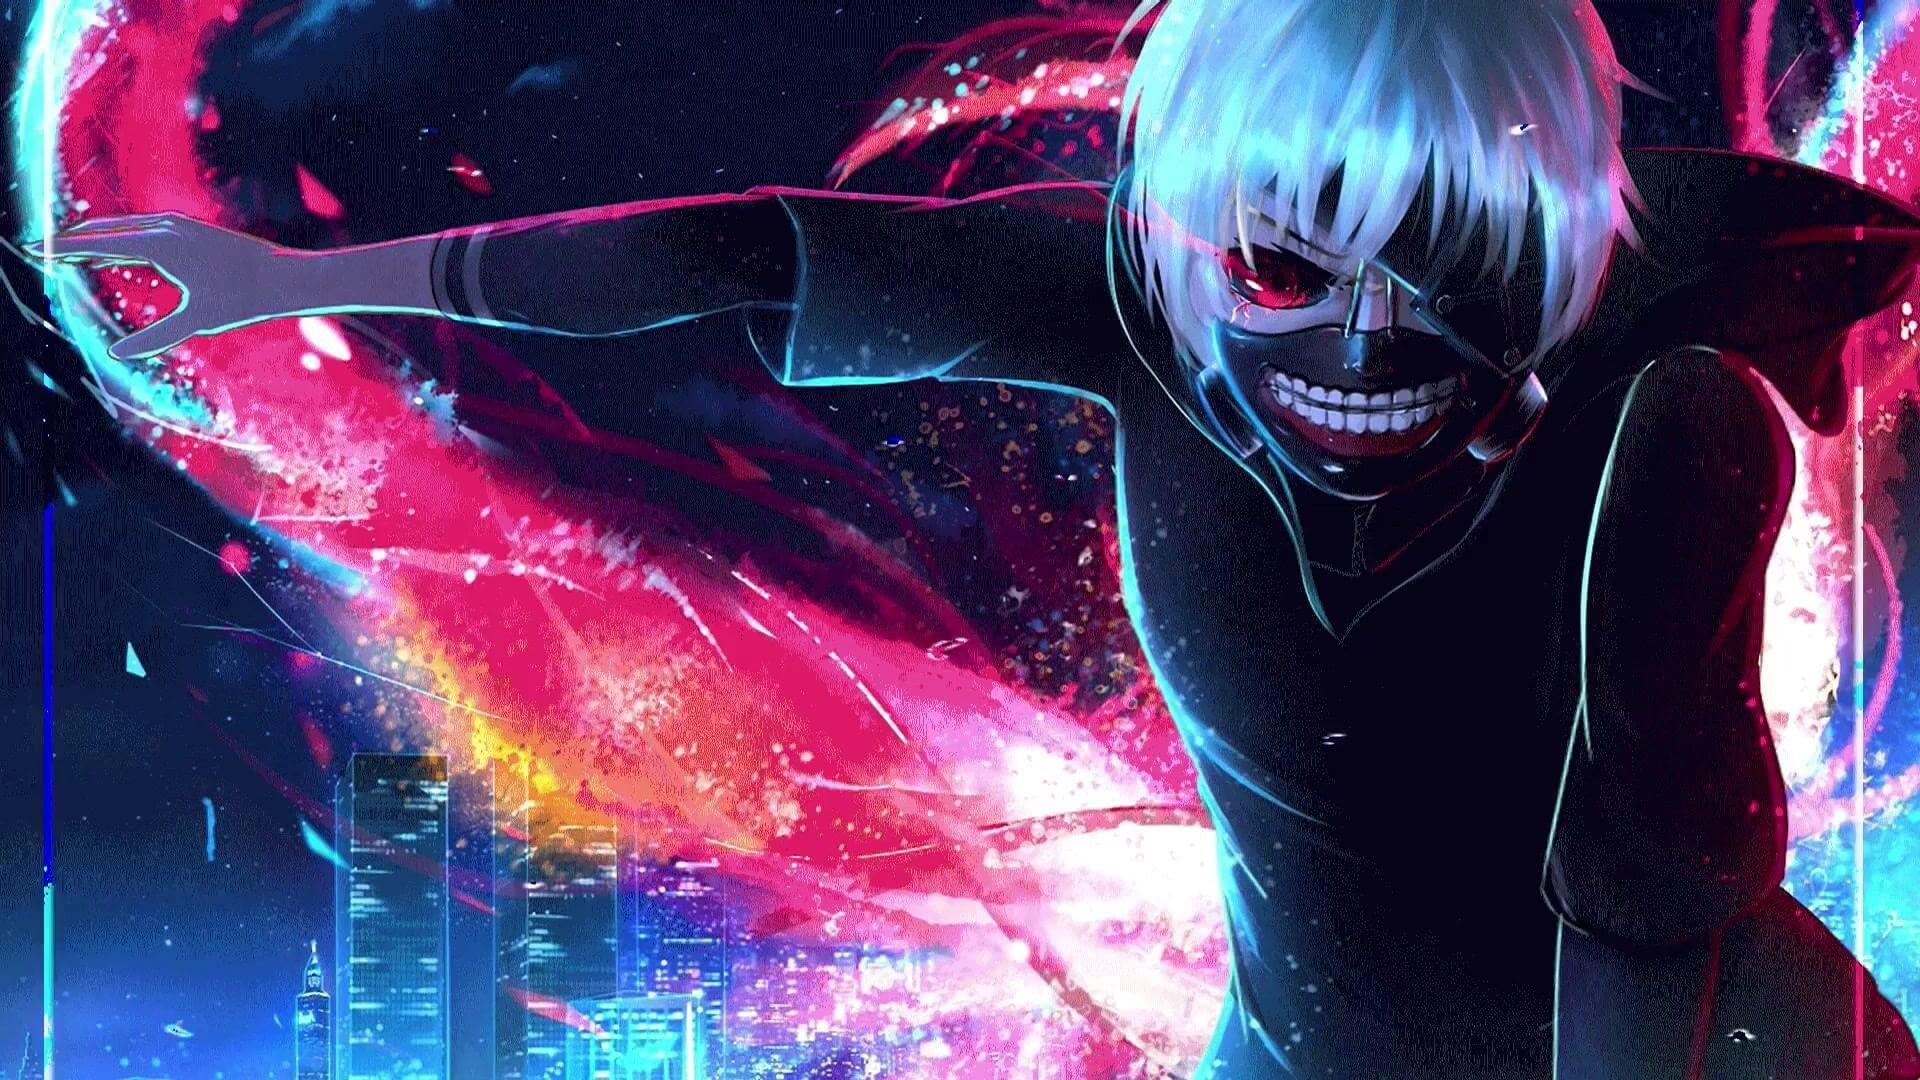 Wallpaper Anime Desktop Best Wallpaper HD in 2020